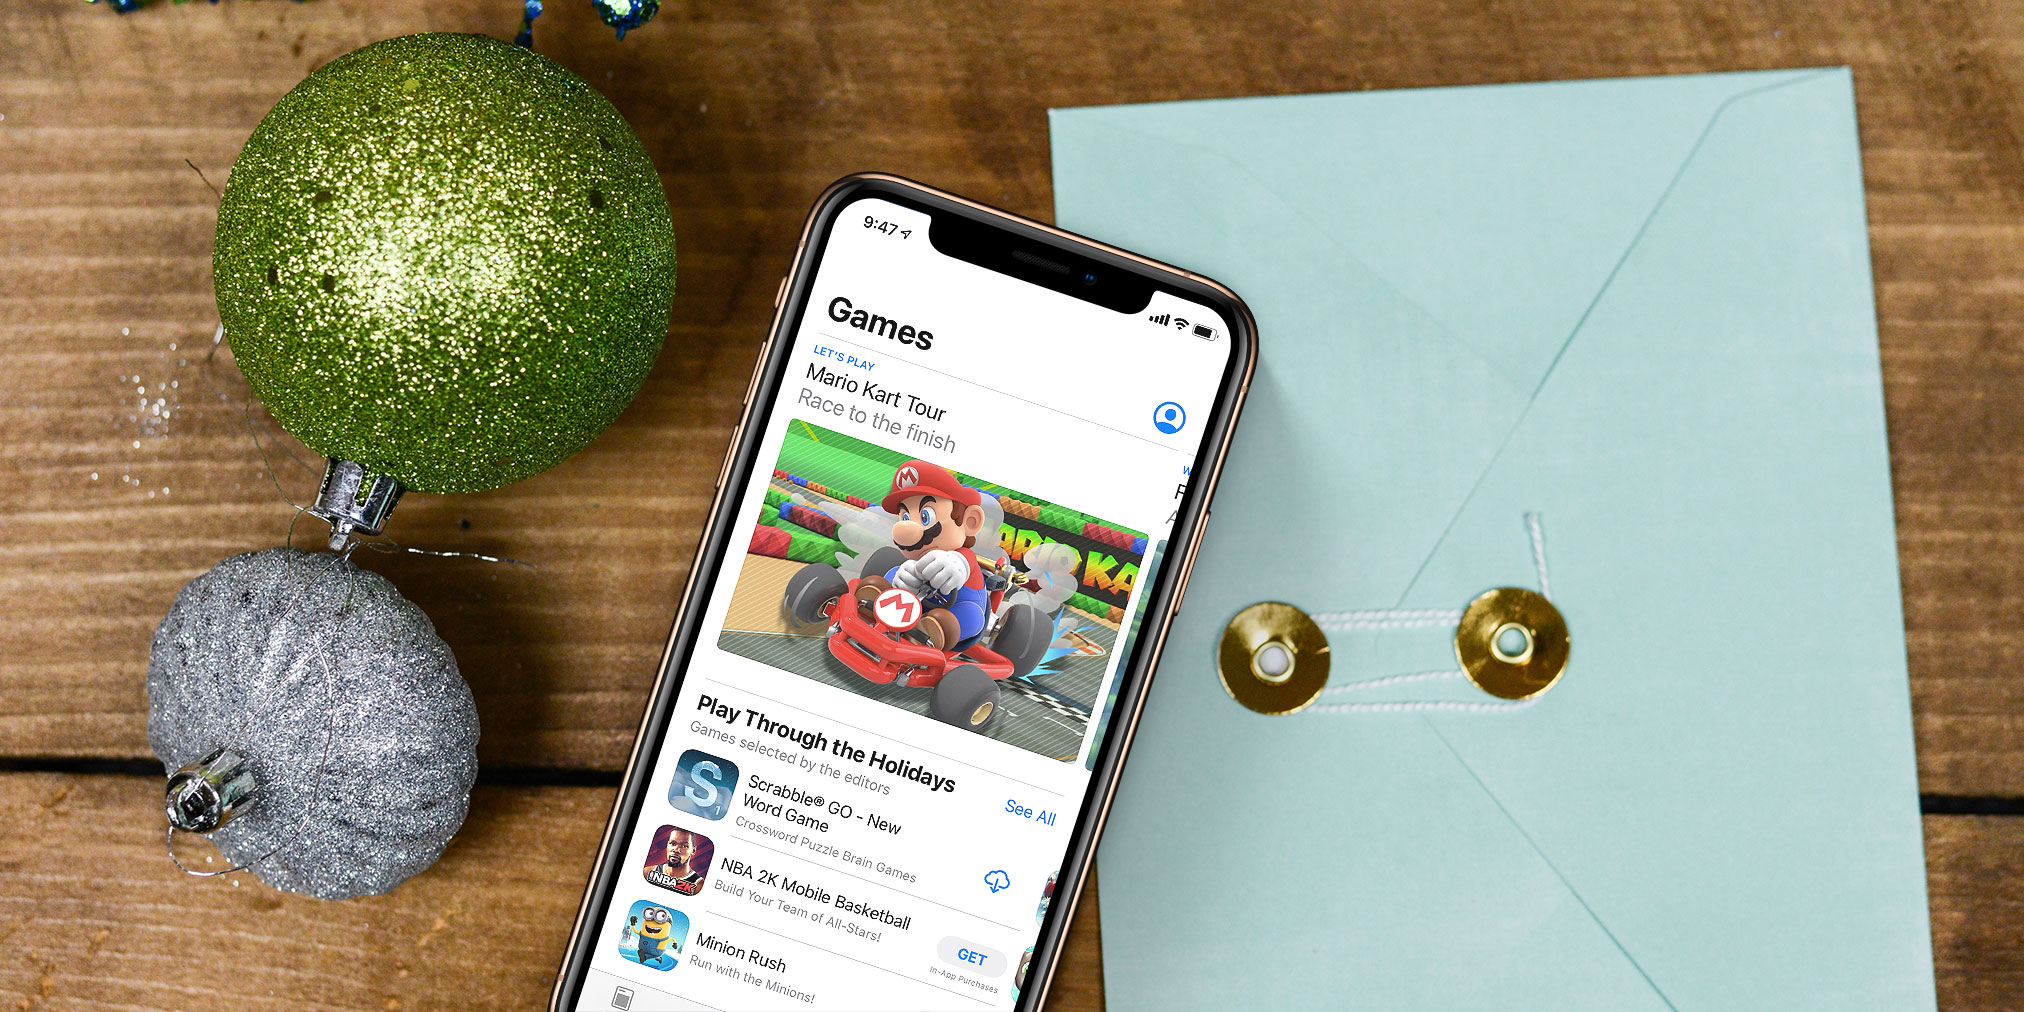 La pandemia ha fatto bene ad App Store: record di spesa, iOS raddoppia Android